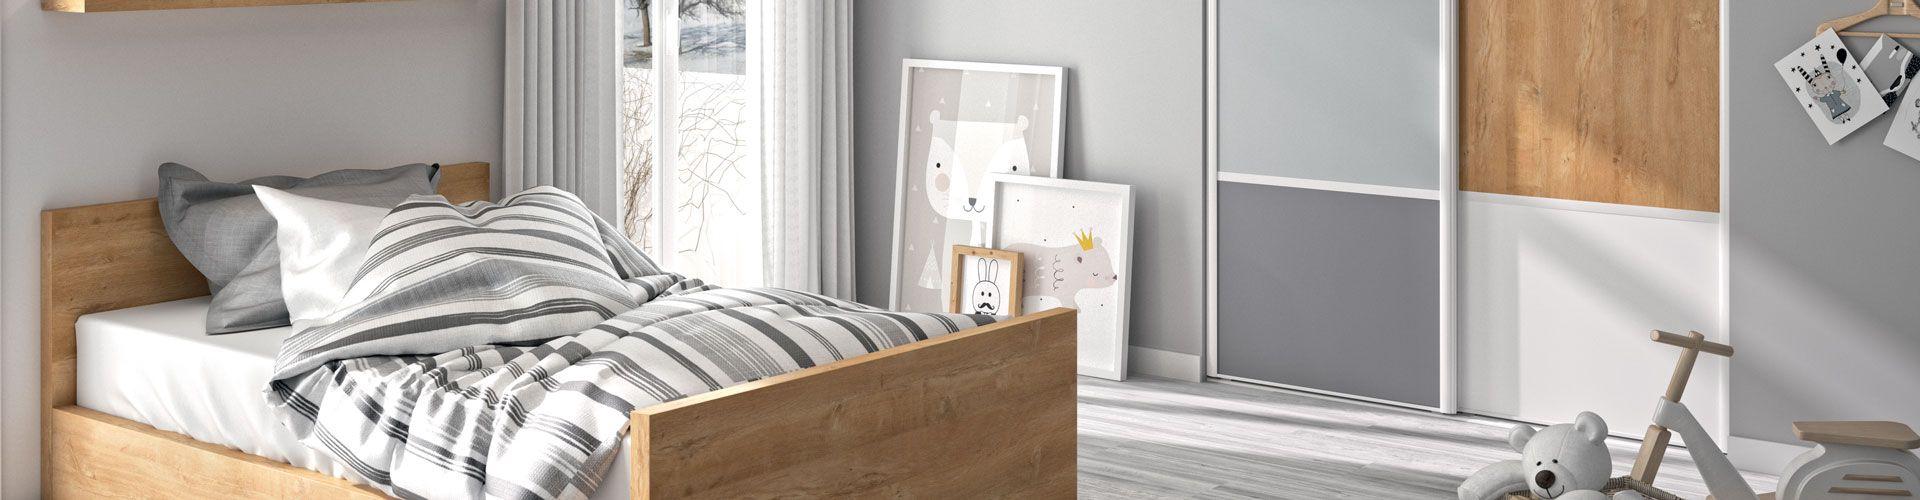 portes de placard scandinave pour chambre d 39 enfants kazed. Black Bedroom Furniture Sets. Home Design Ideas